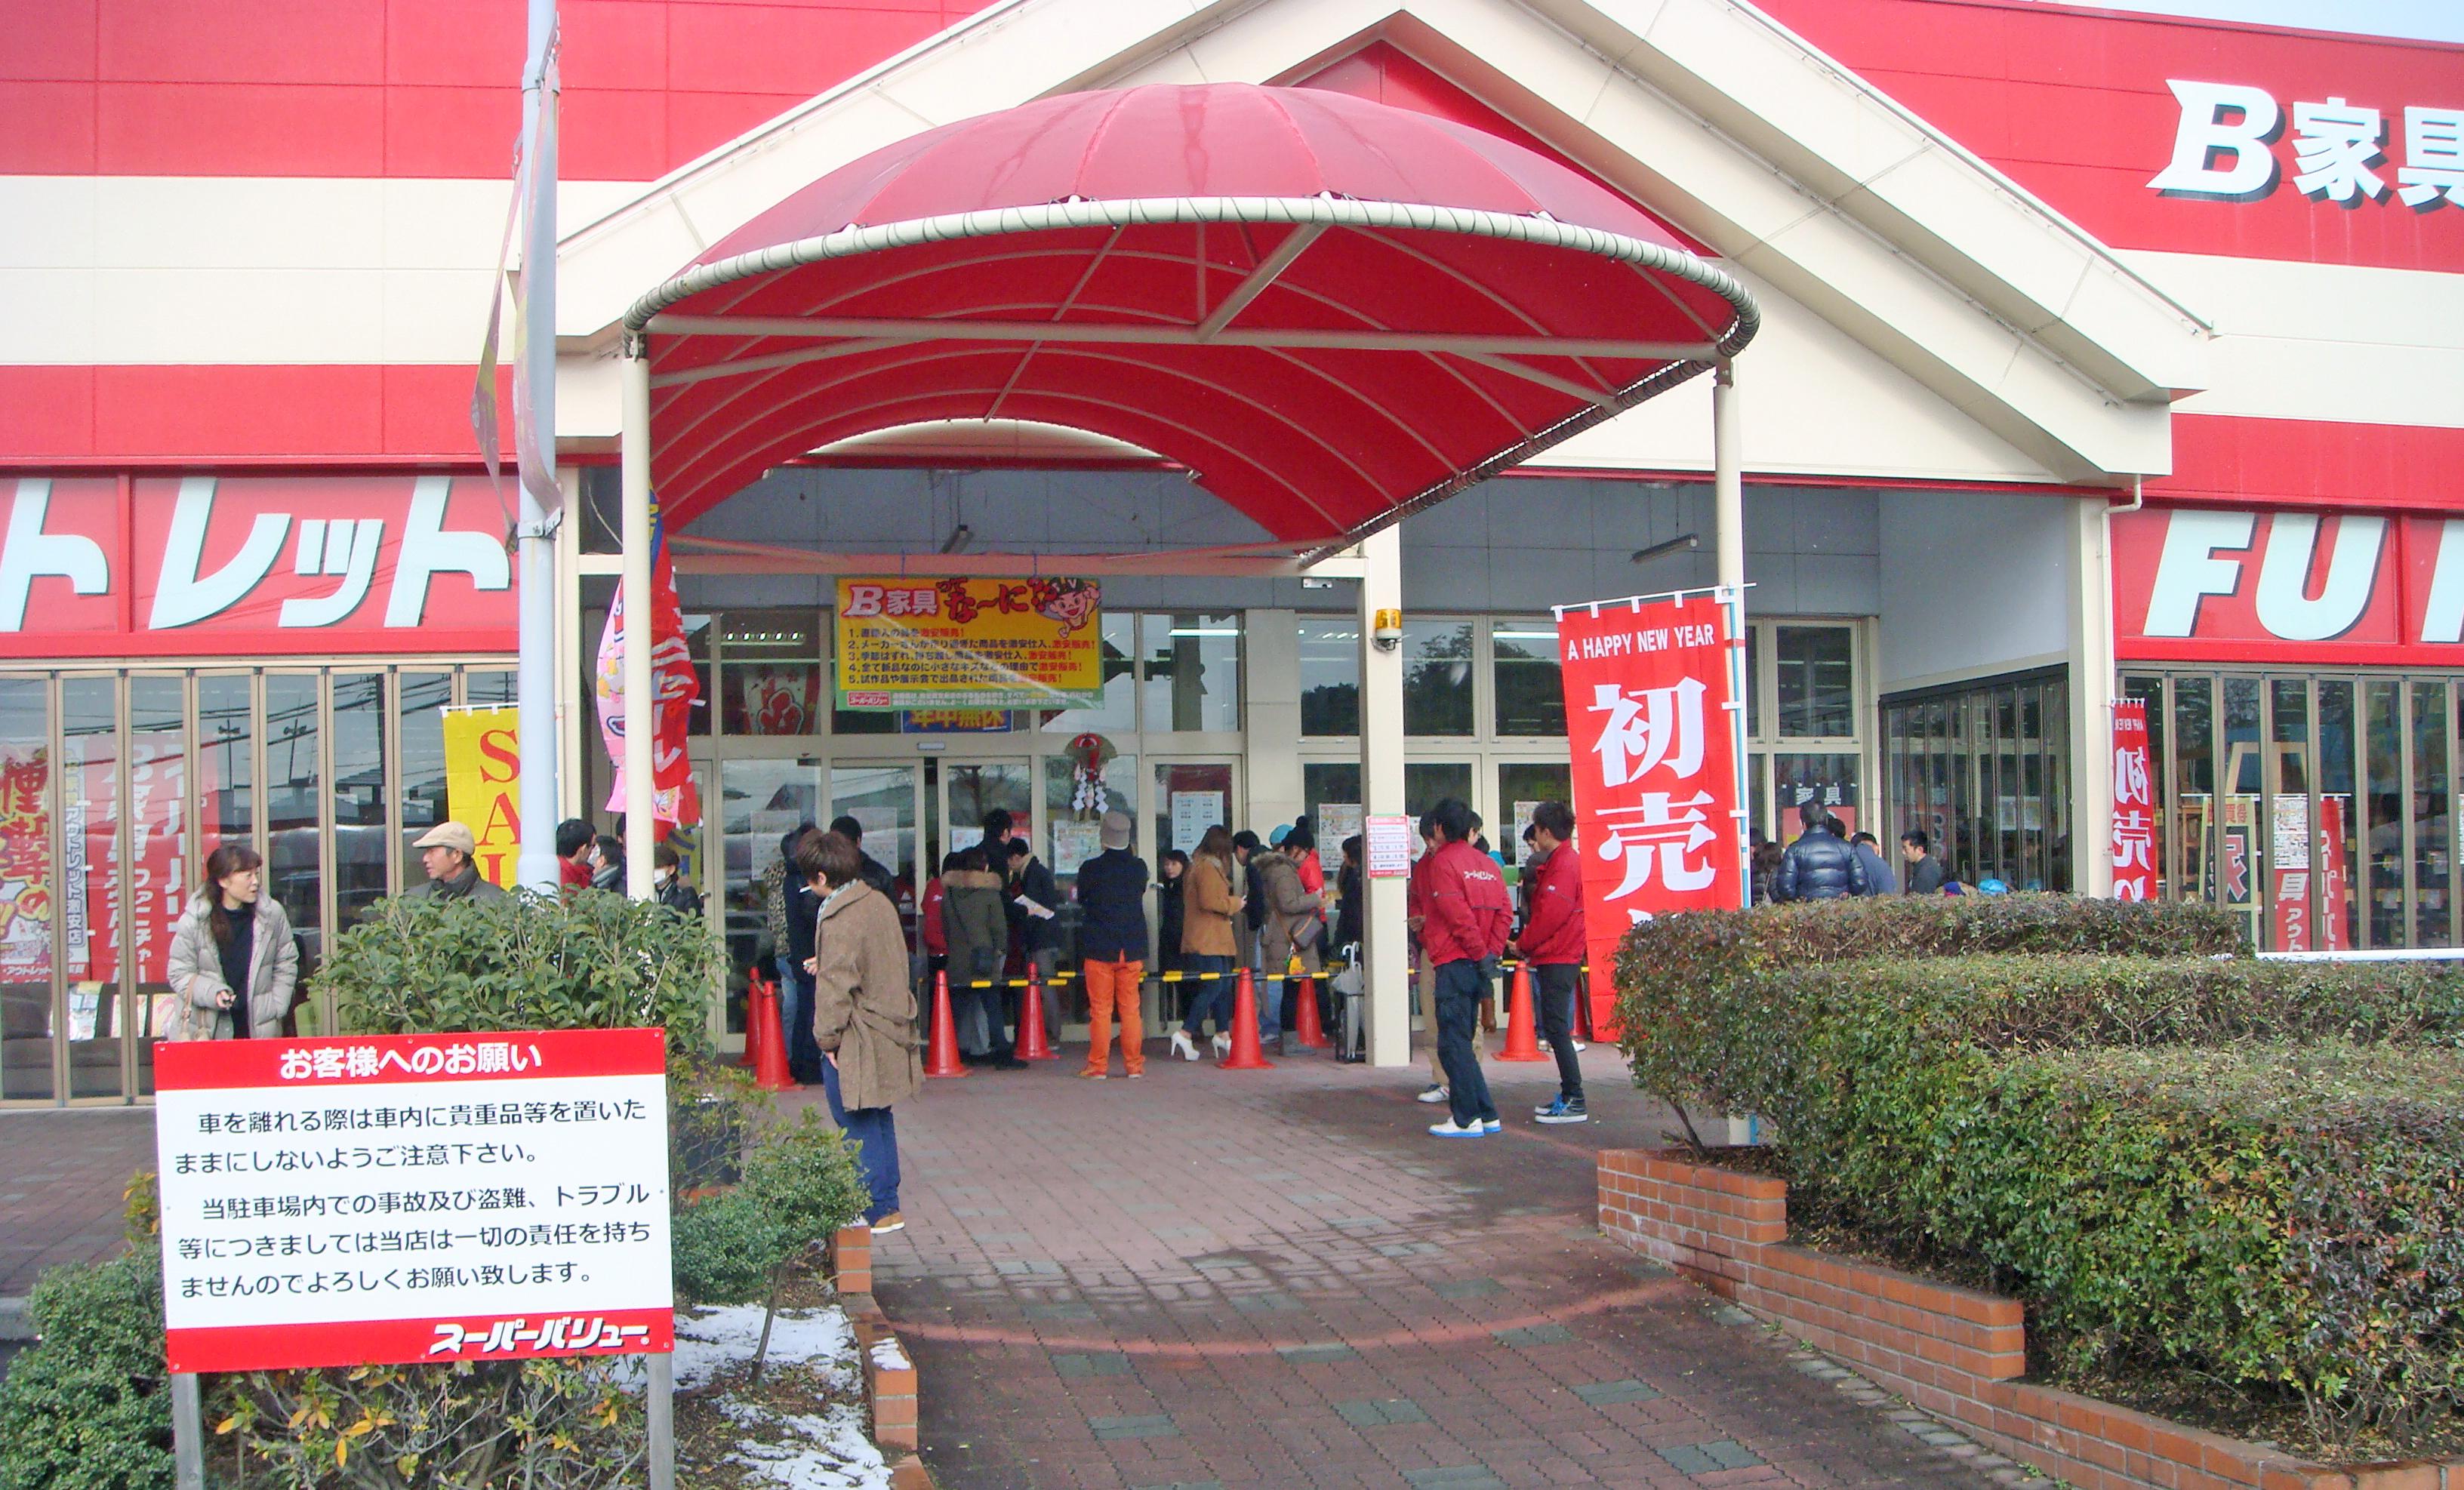 2015年1月2日 午前9時30分ごろの関店前の駐車場入り口付近より撮影